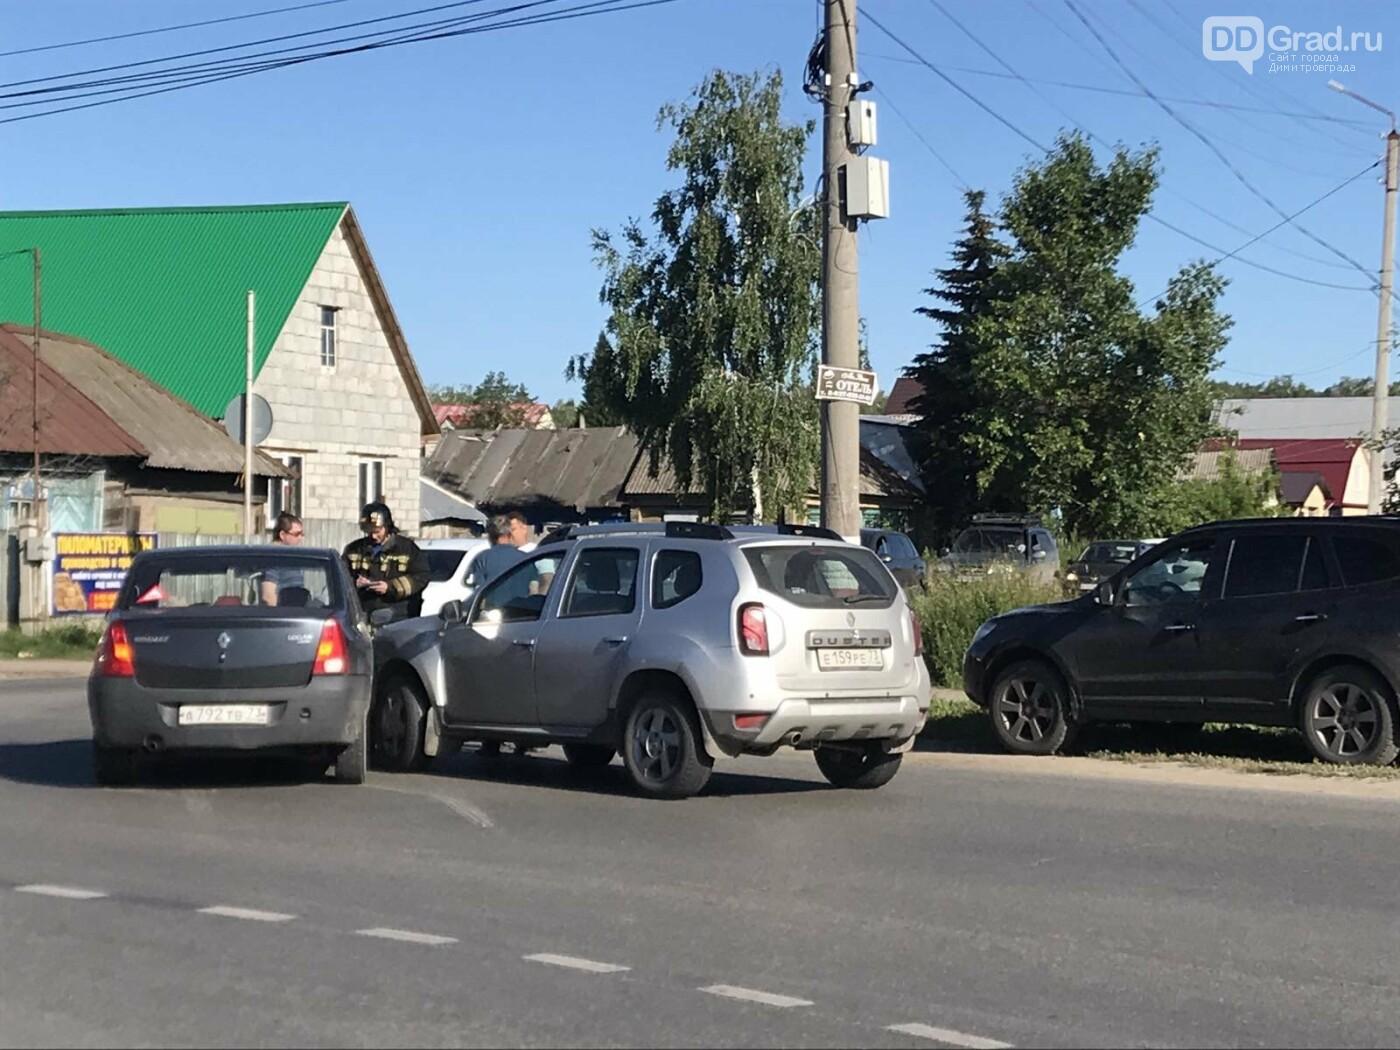 Утром в Димитровграде произошло ДТП, фото-1